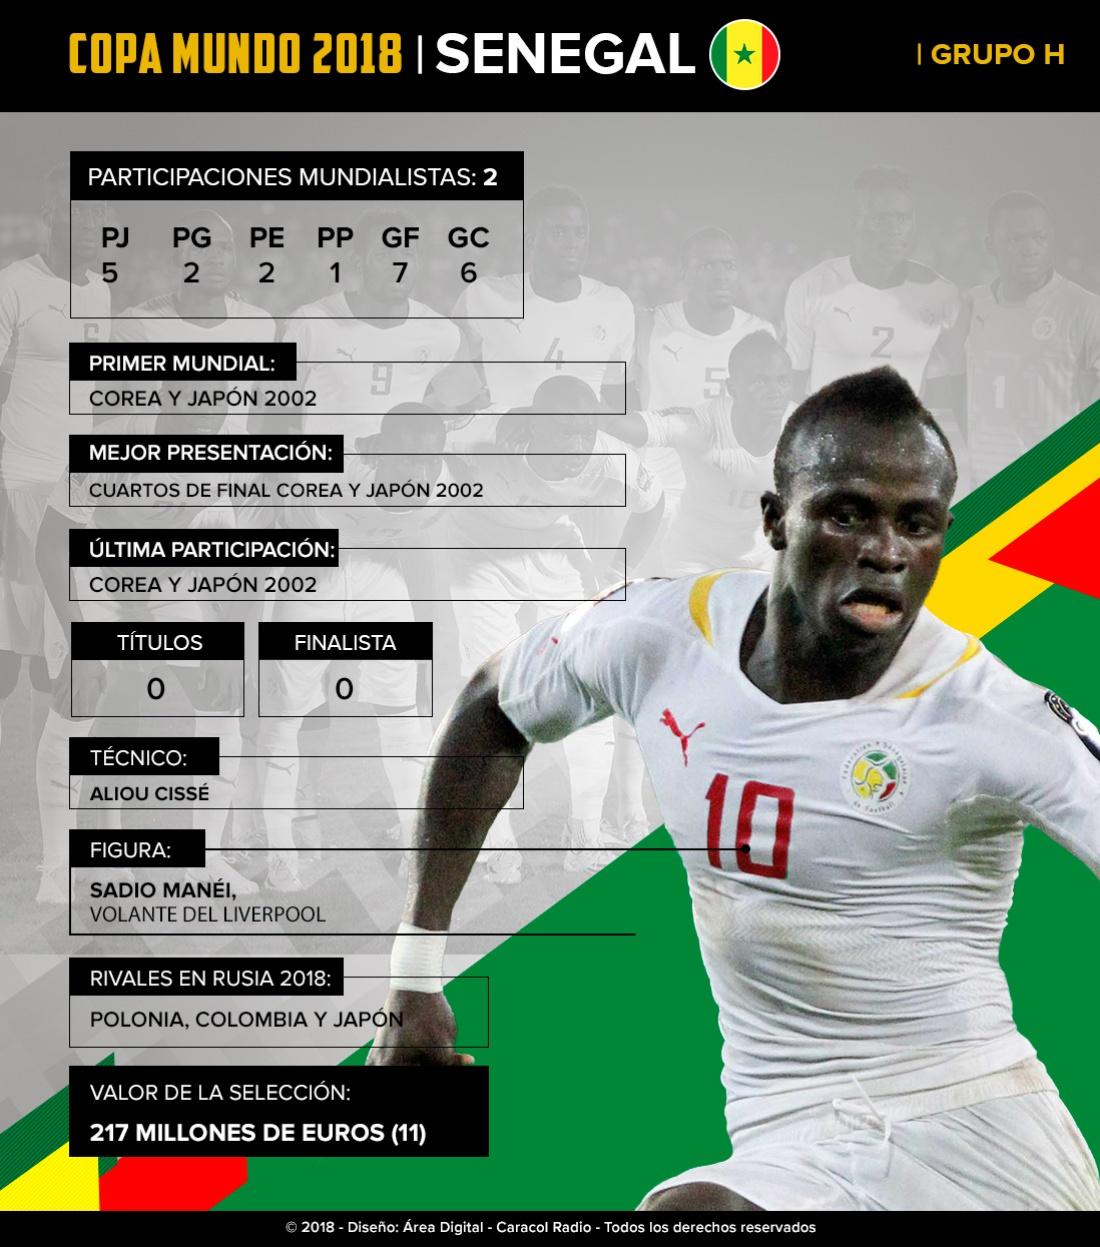 Mundial 2018: Senegal: Con Mané al frente, buscarán repetir lo de Corea y Japón 2002